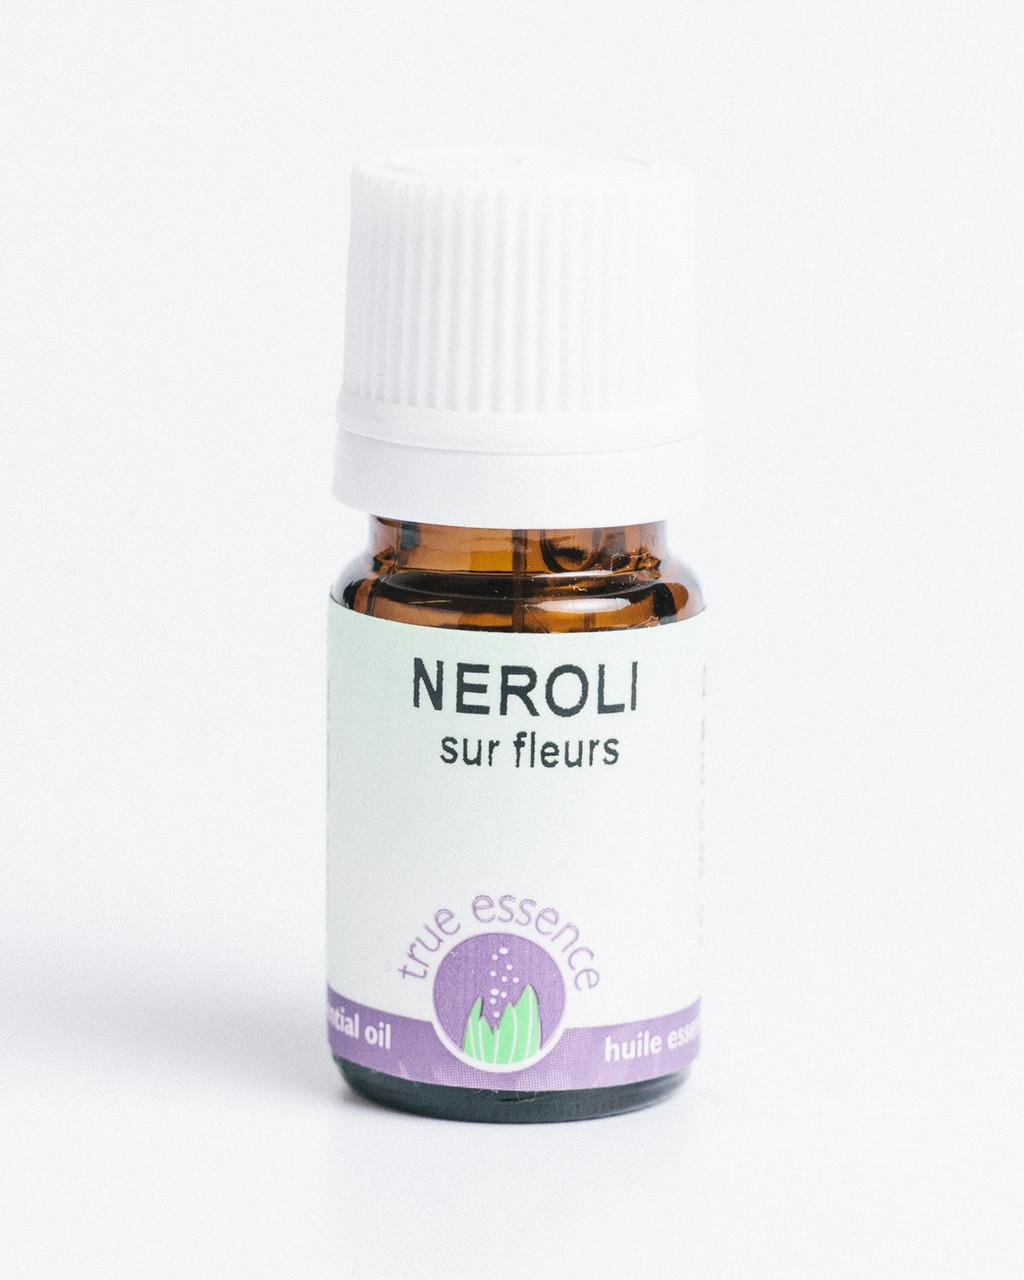 NEROLI SUR FLEURS PETITGRAIN (Citrus aurantium) Organic